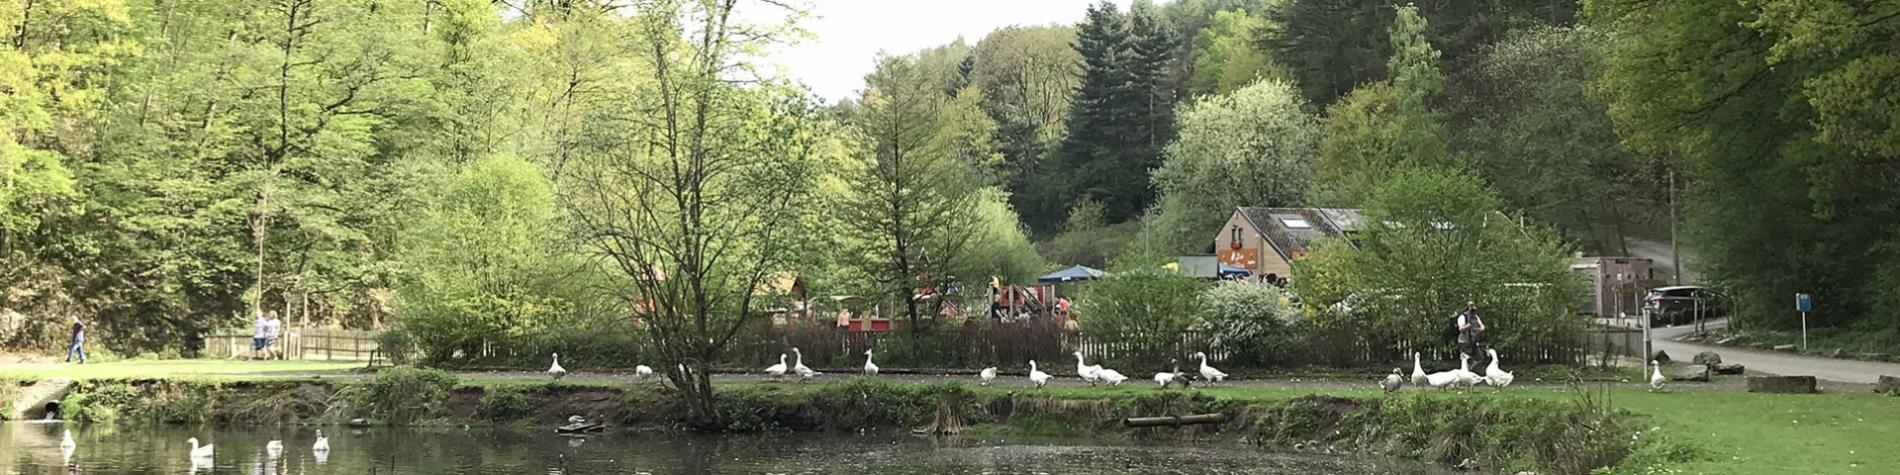 Domaine - Julienne - Visé - étangs - ruisseau - bois